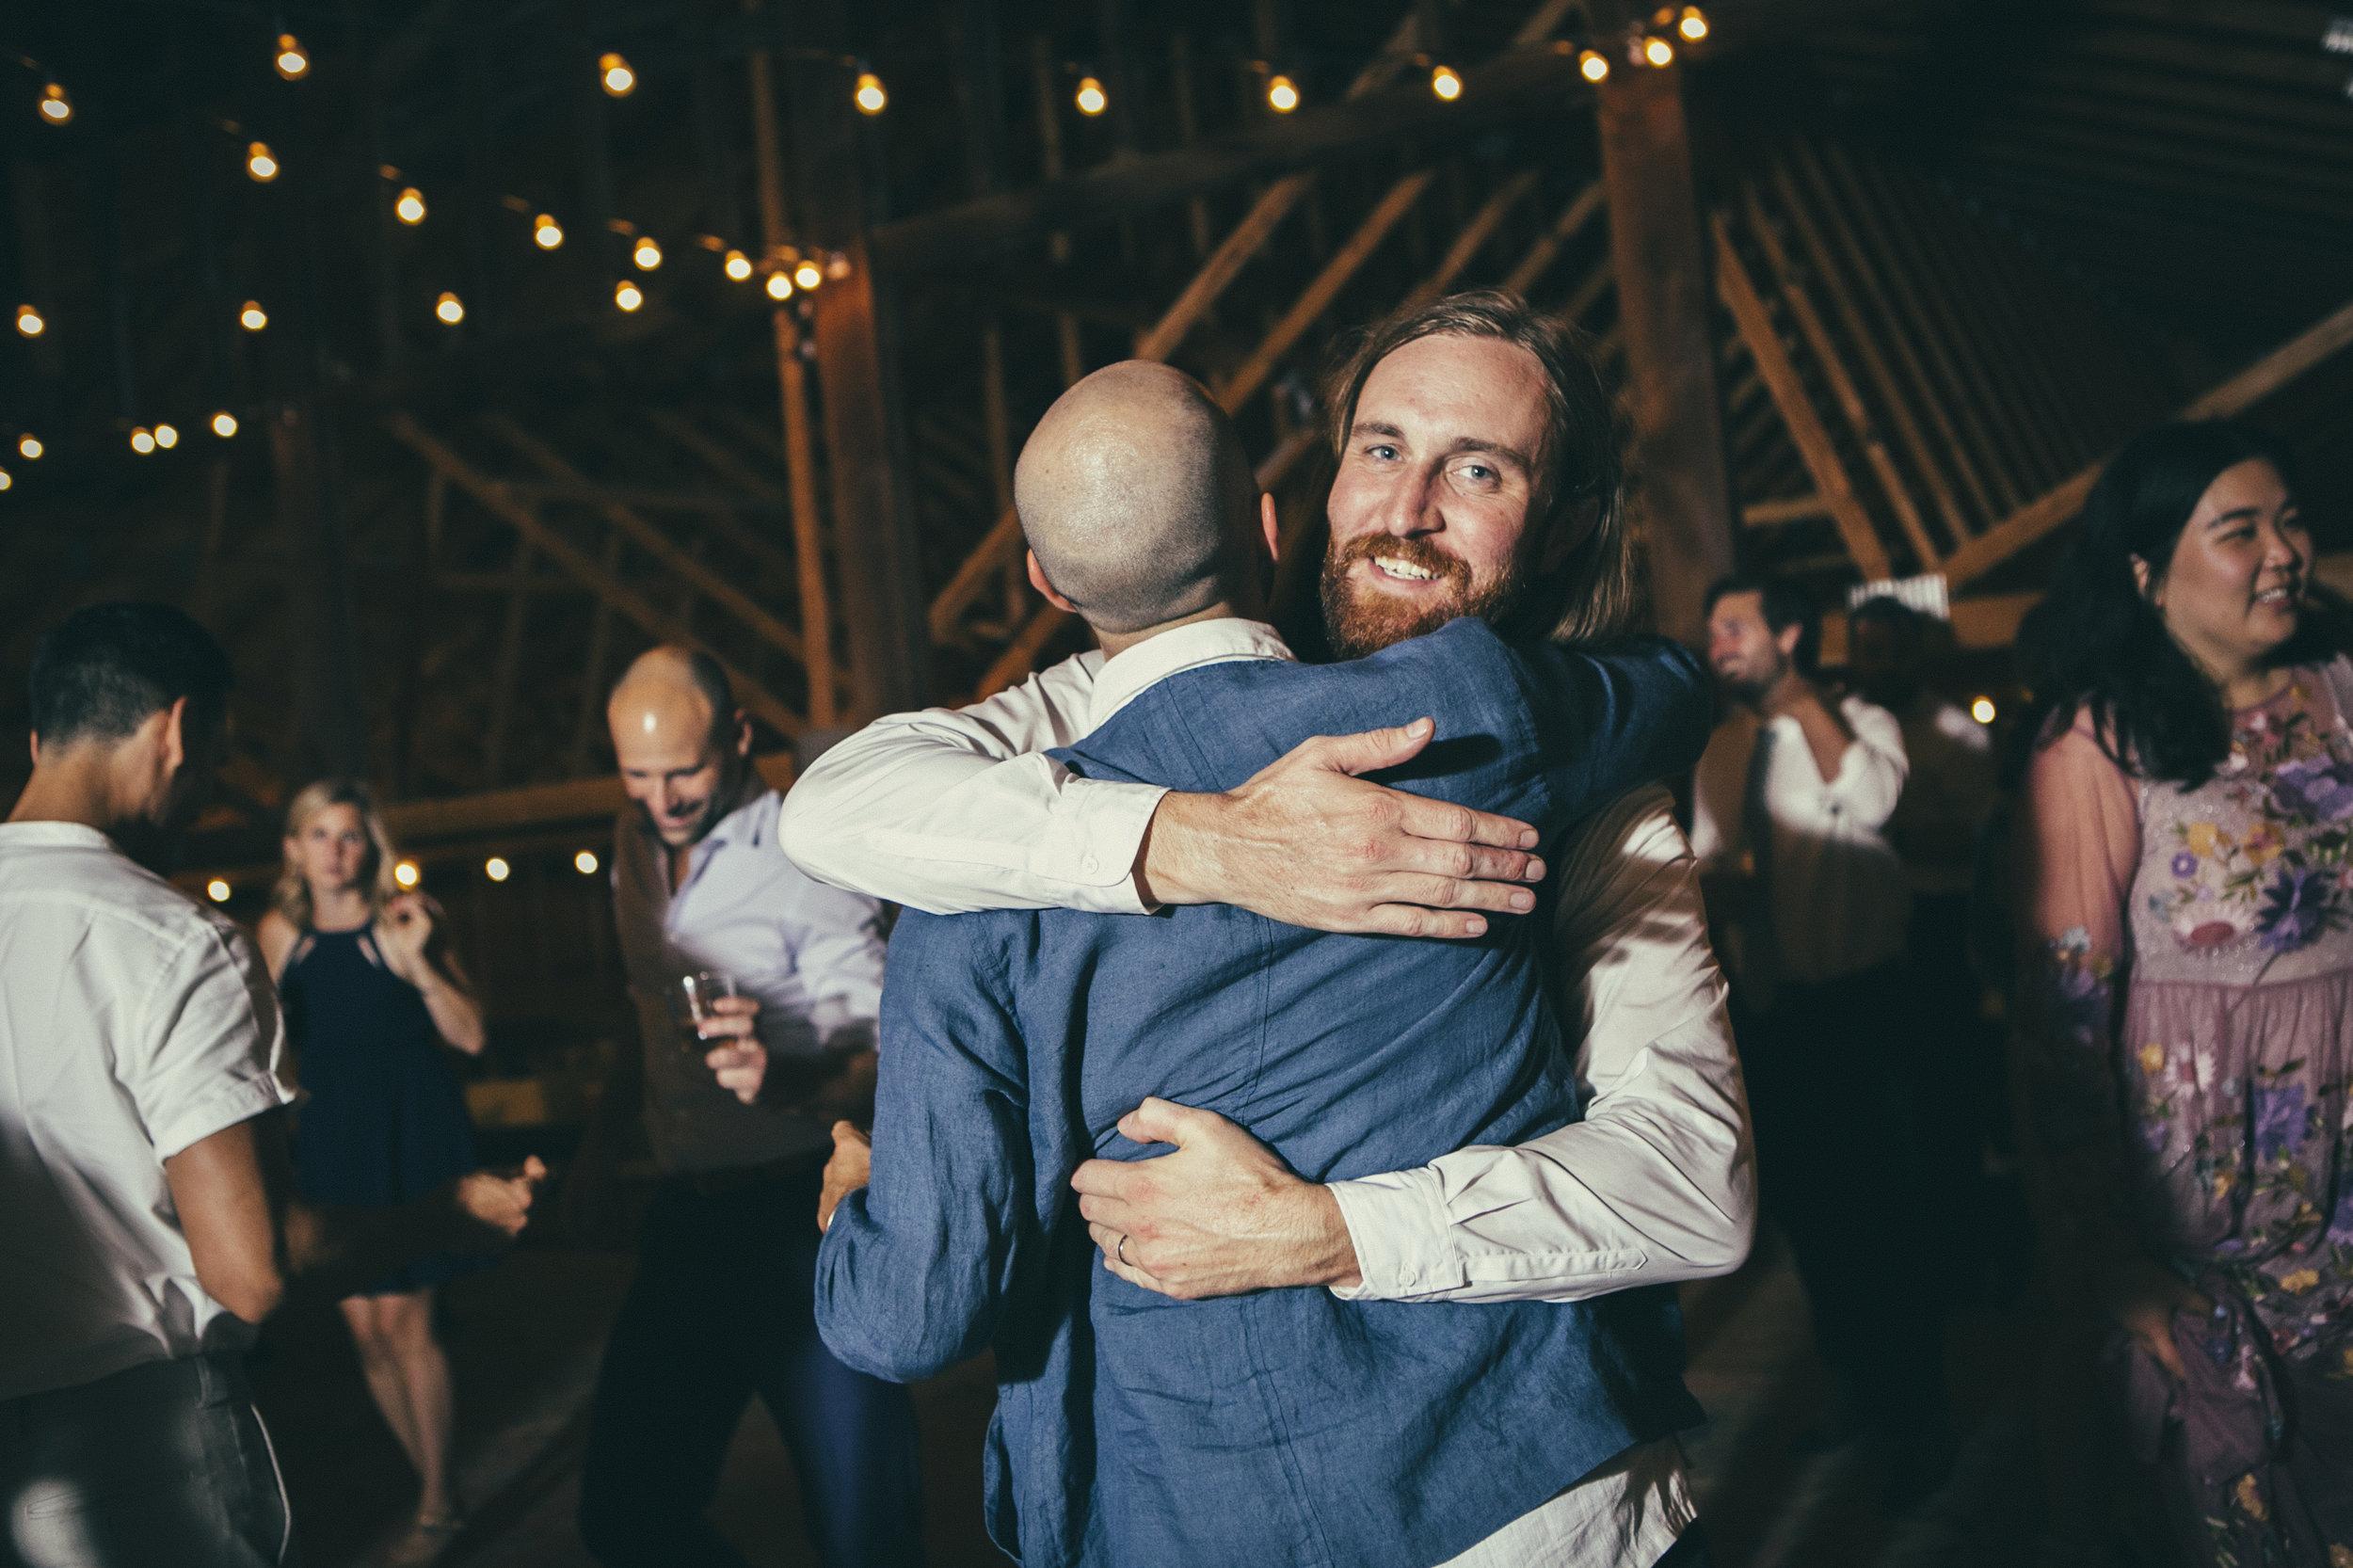 Em_and_Ax_00_wedding-807.jpg